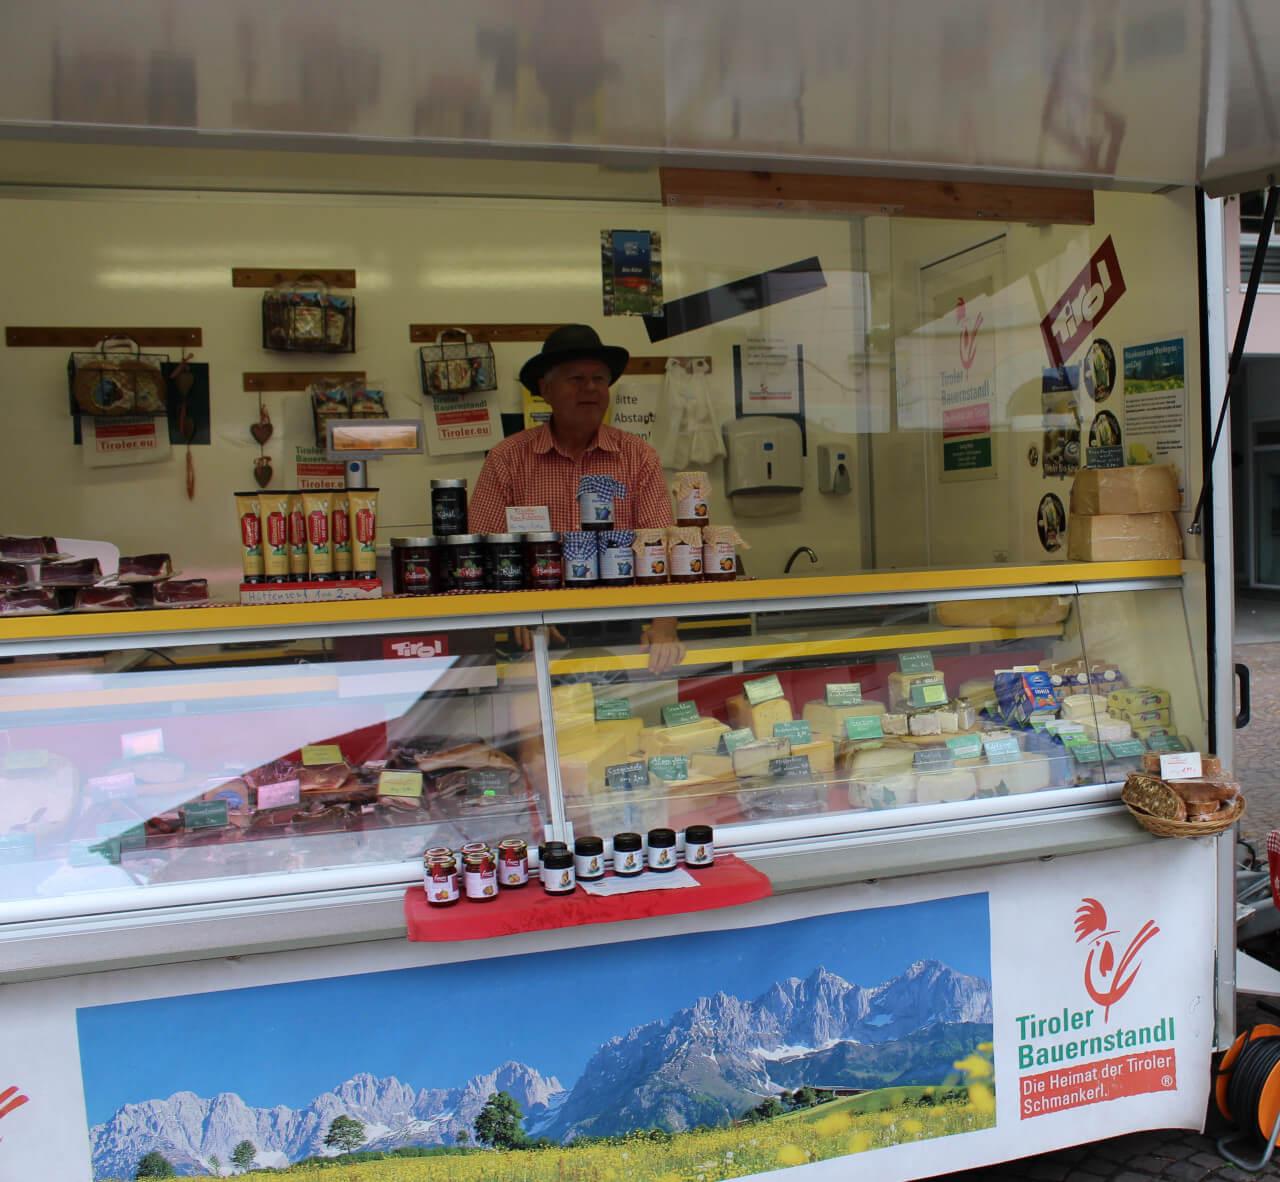 Wochenmarkt in Remagen am Rhein